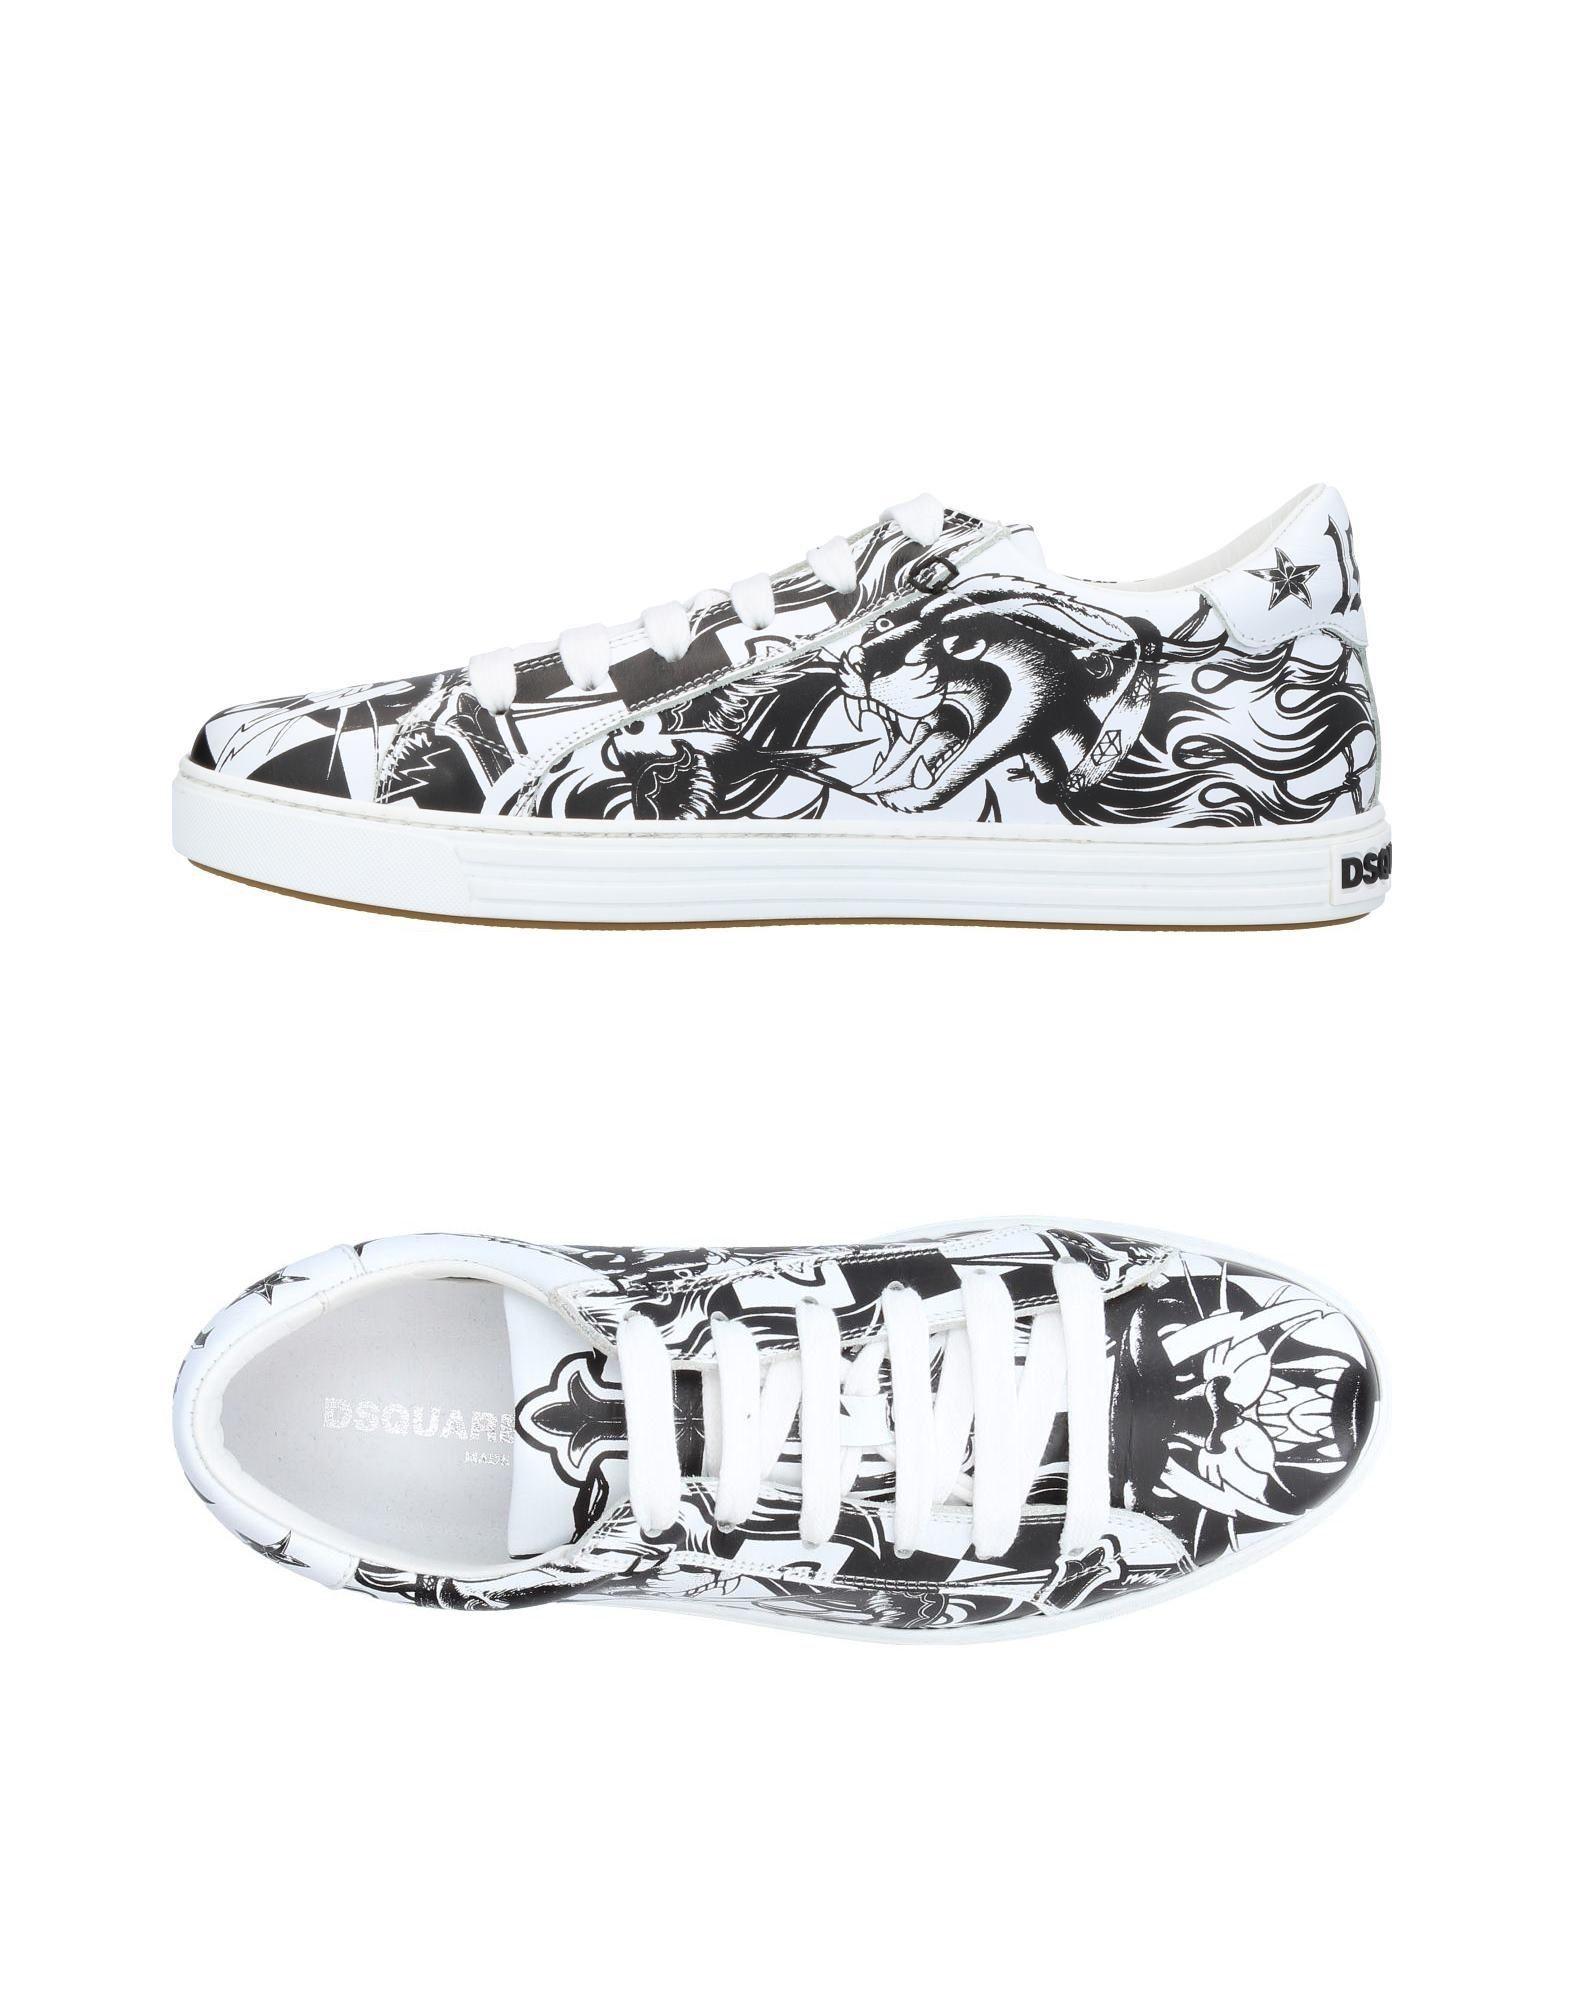 Dsquared2 Sneakers Herren  11368402UK Gute Qualität beliebte Schuhe